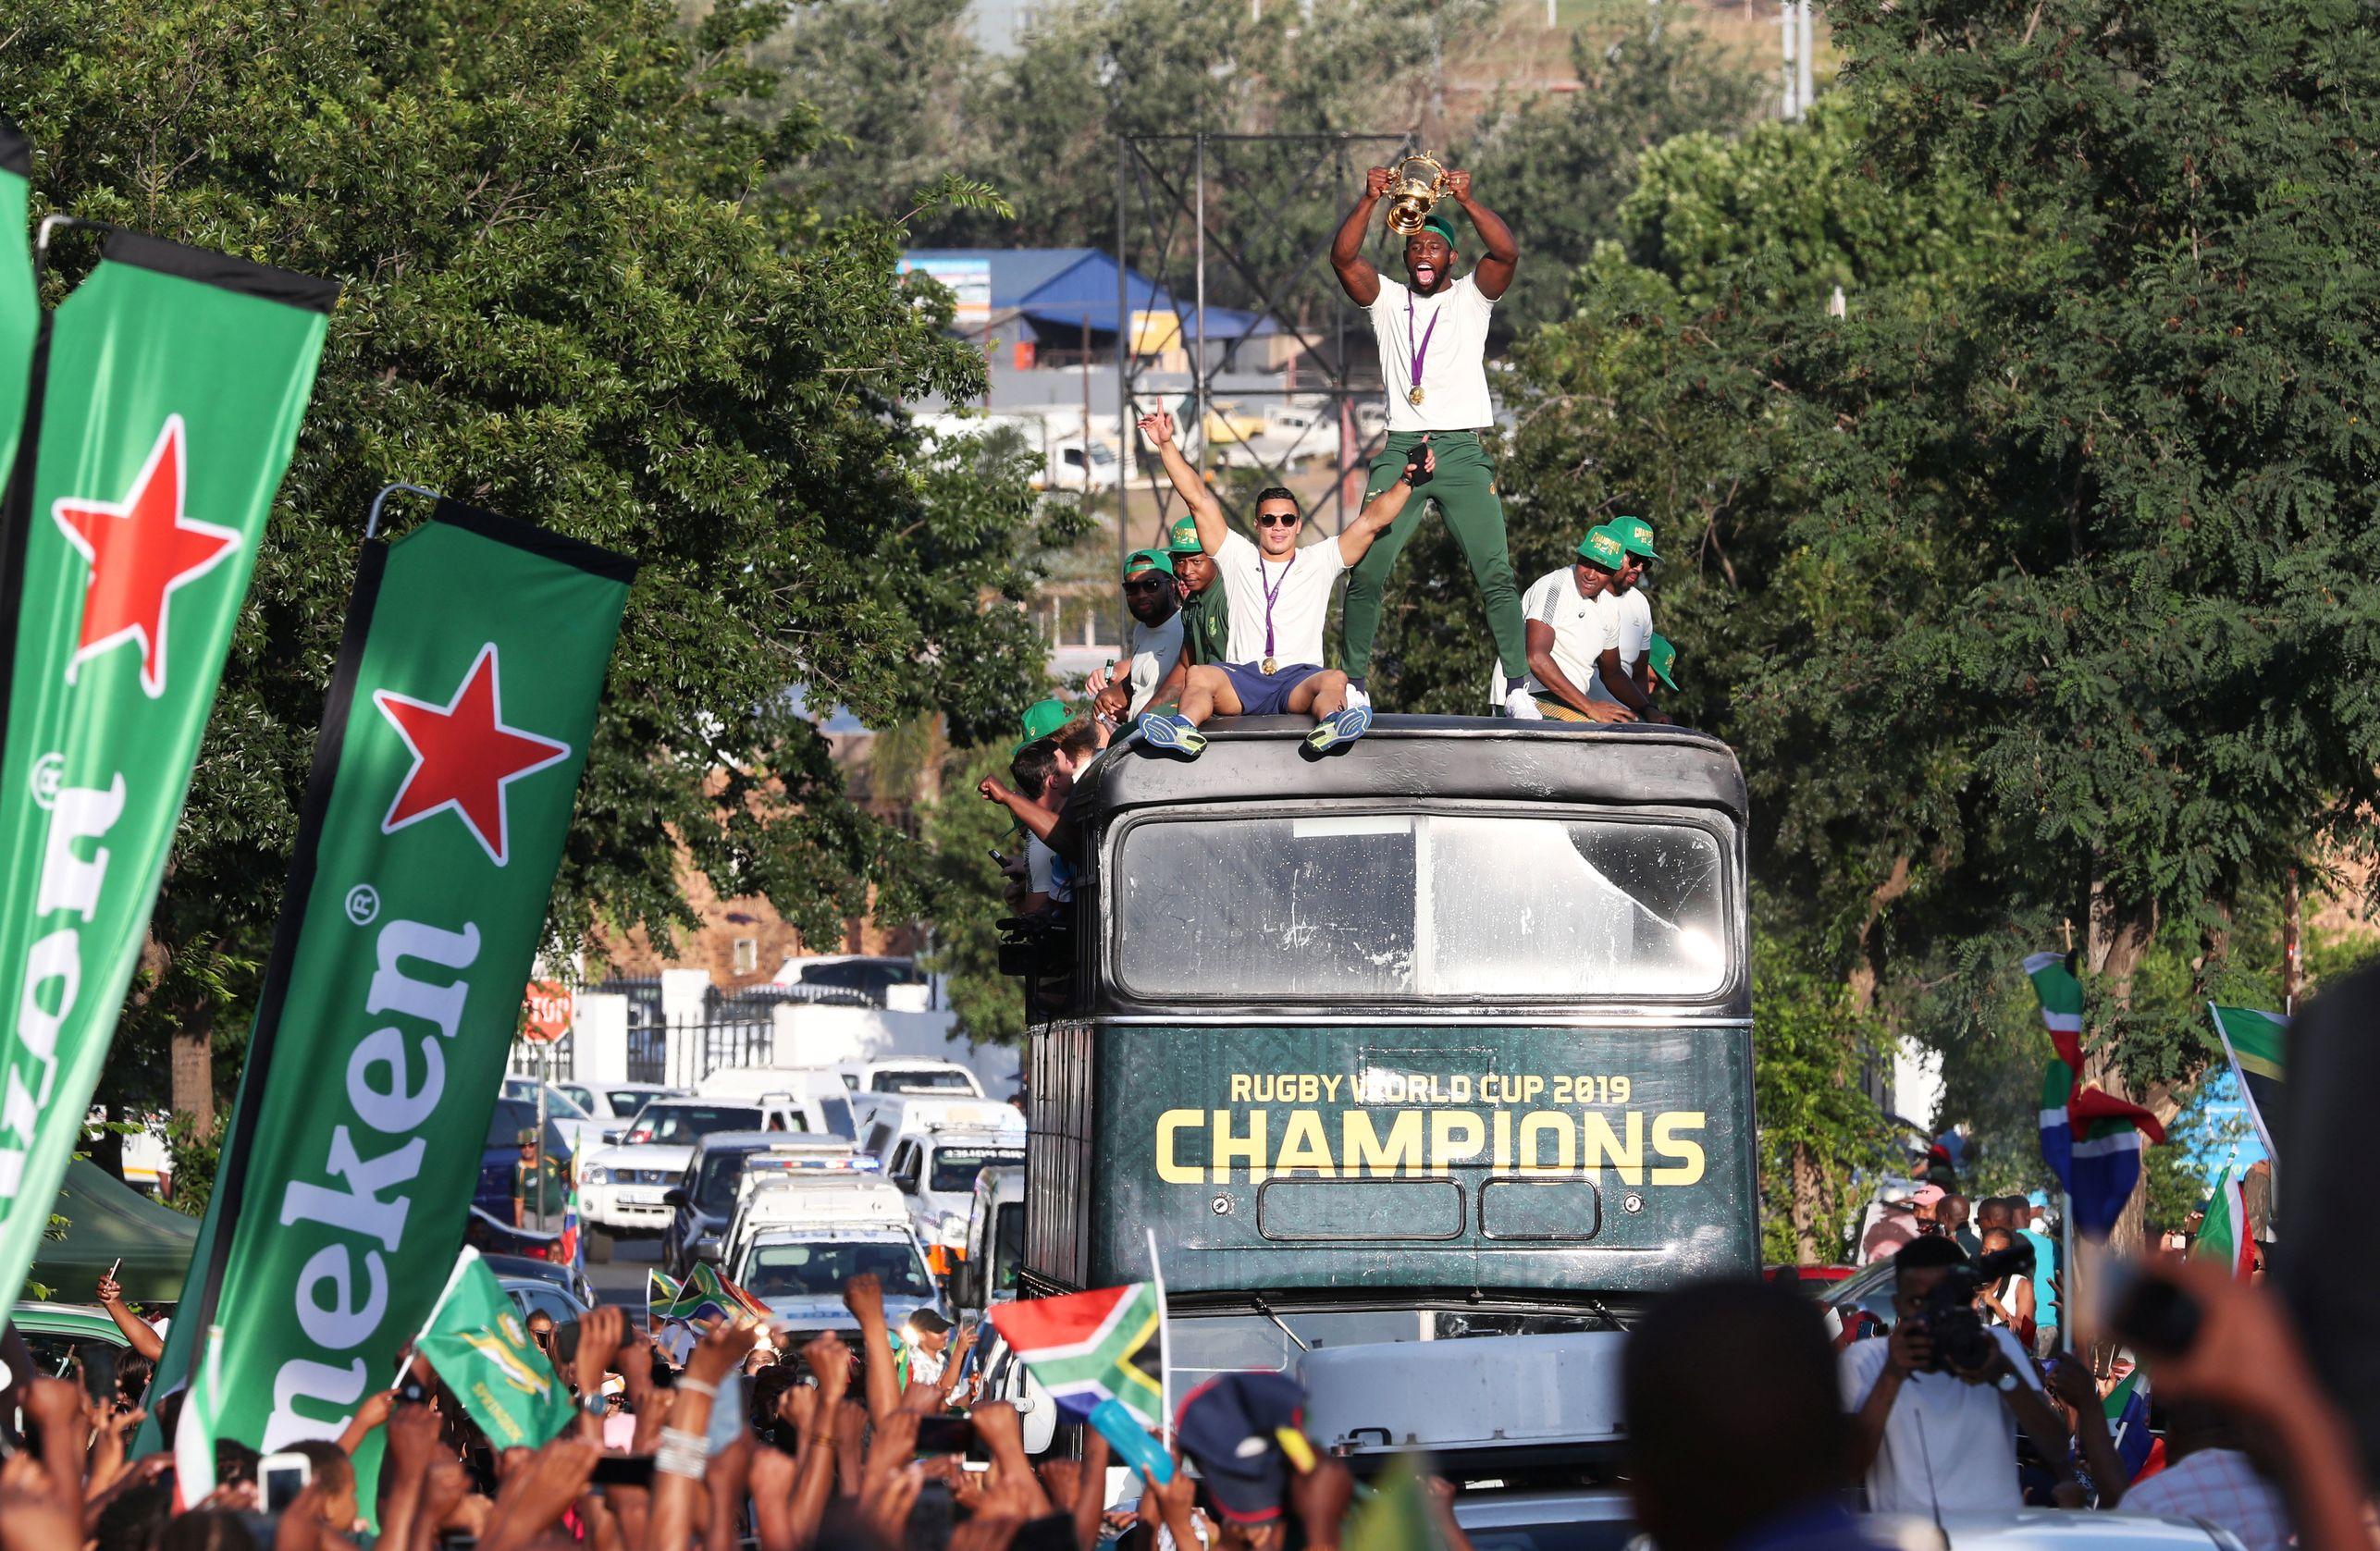 Rugby - Coupe du monde 2019 - Les incroyables scènes de liesse lors de la parade des Springboks à Soweto